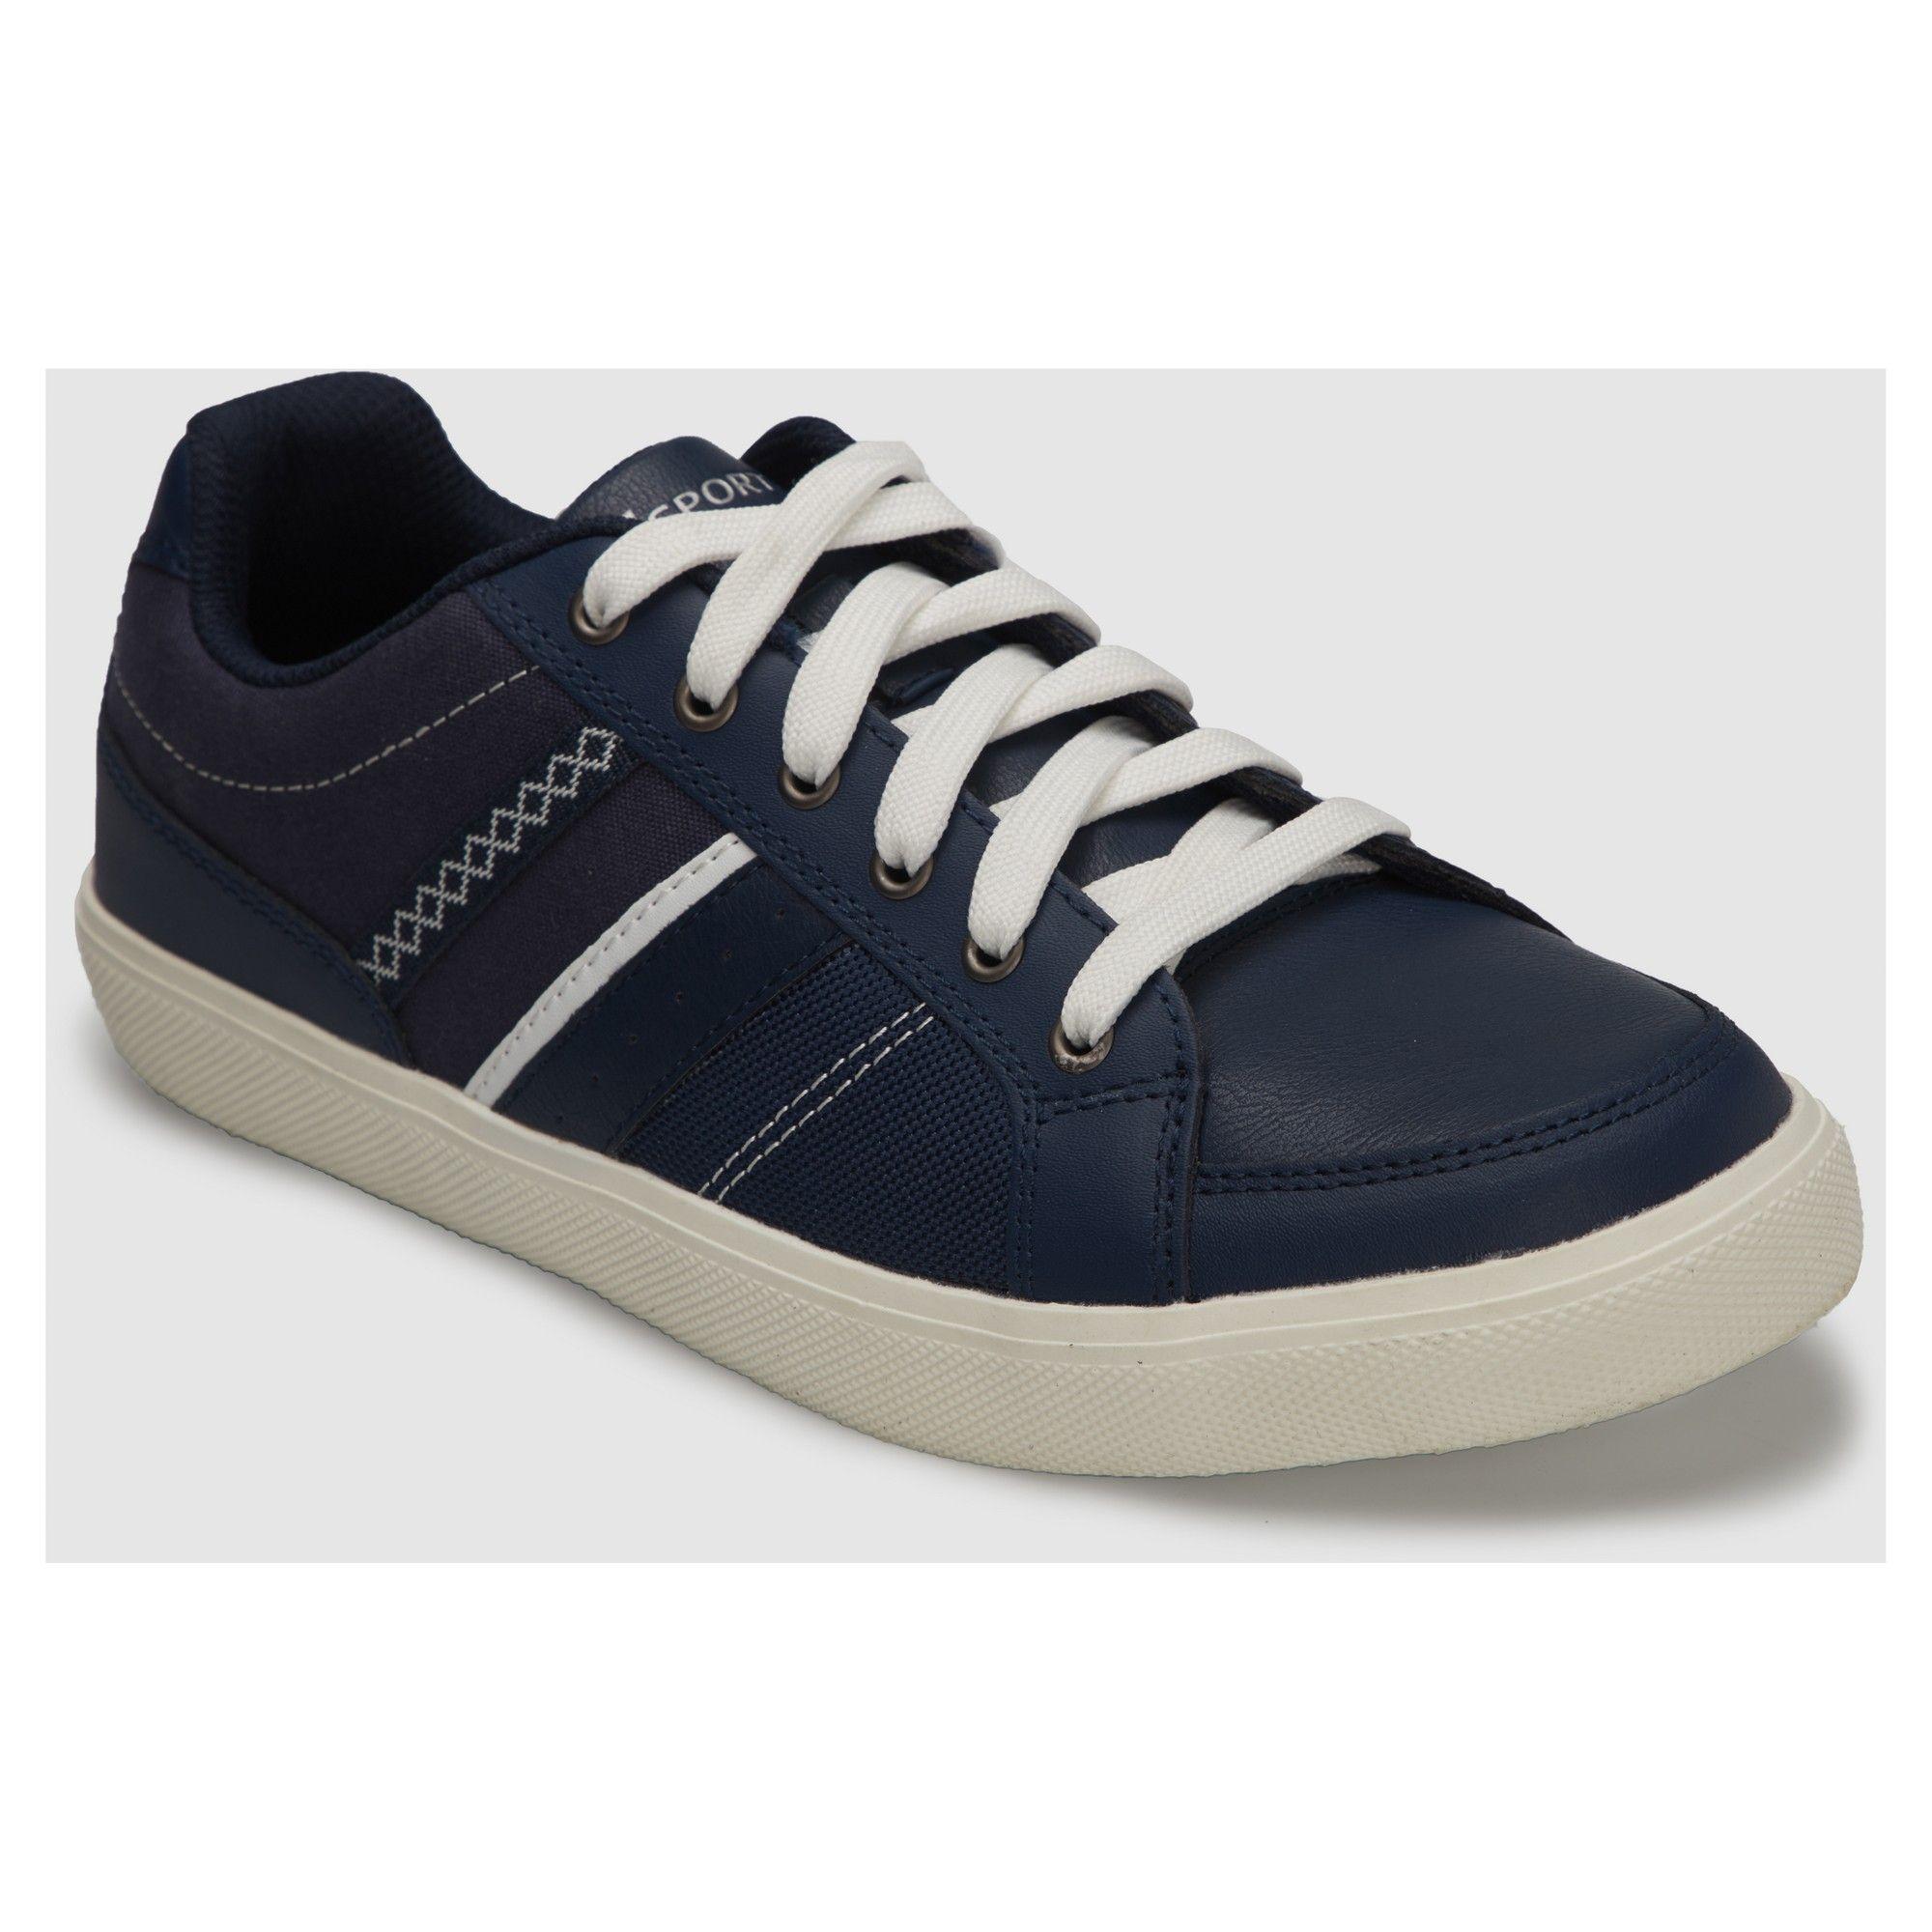 Skechers Alik Athletic Shoes